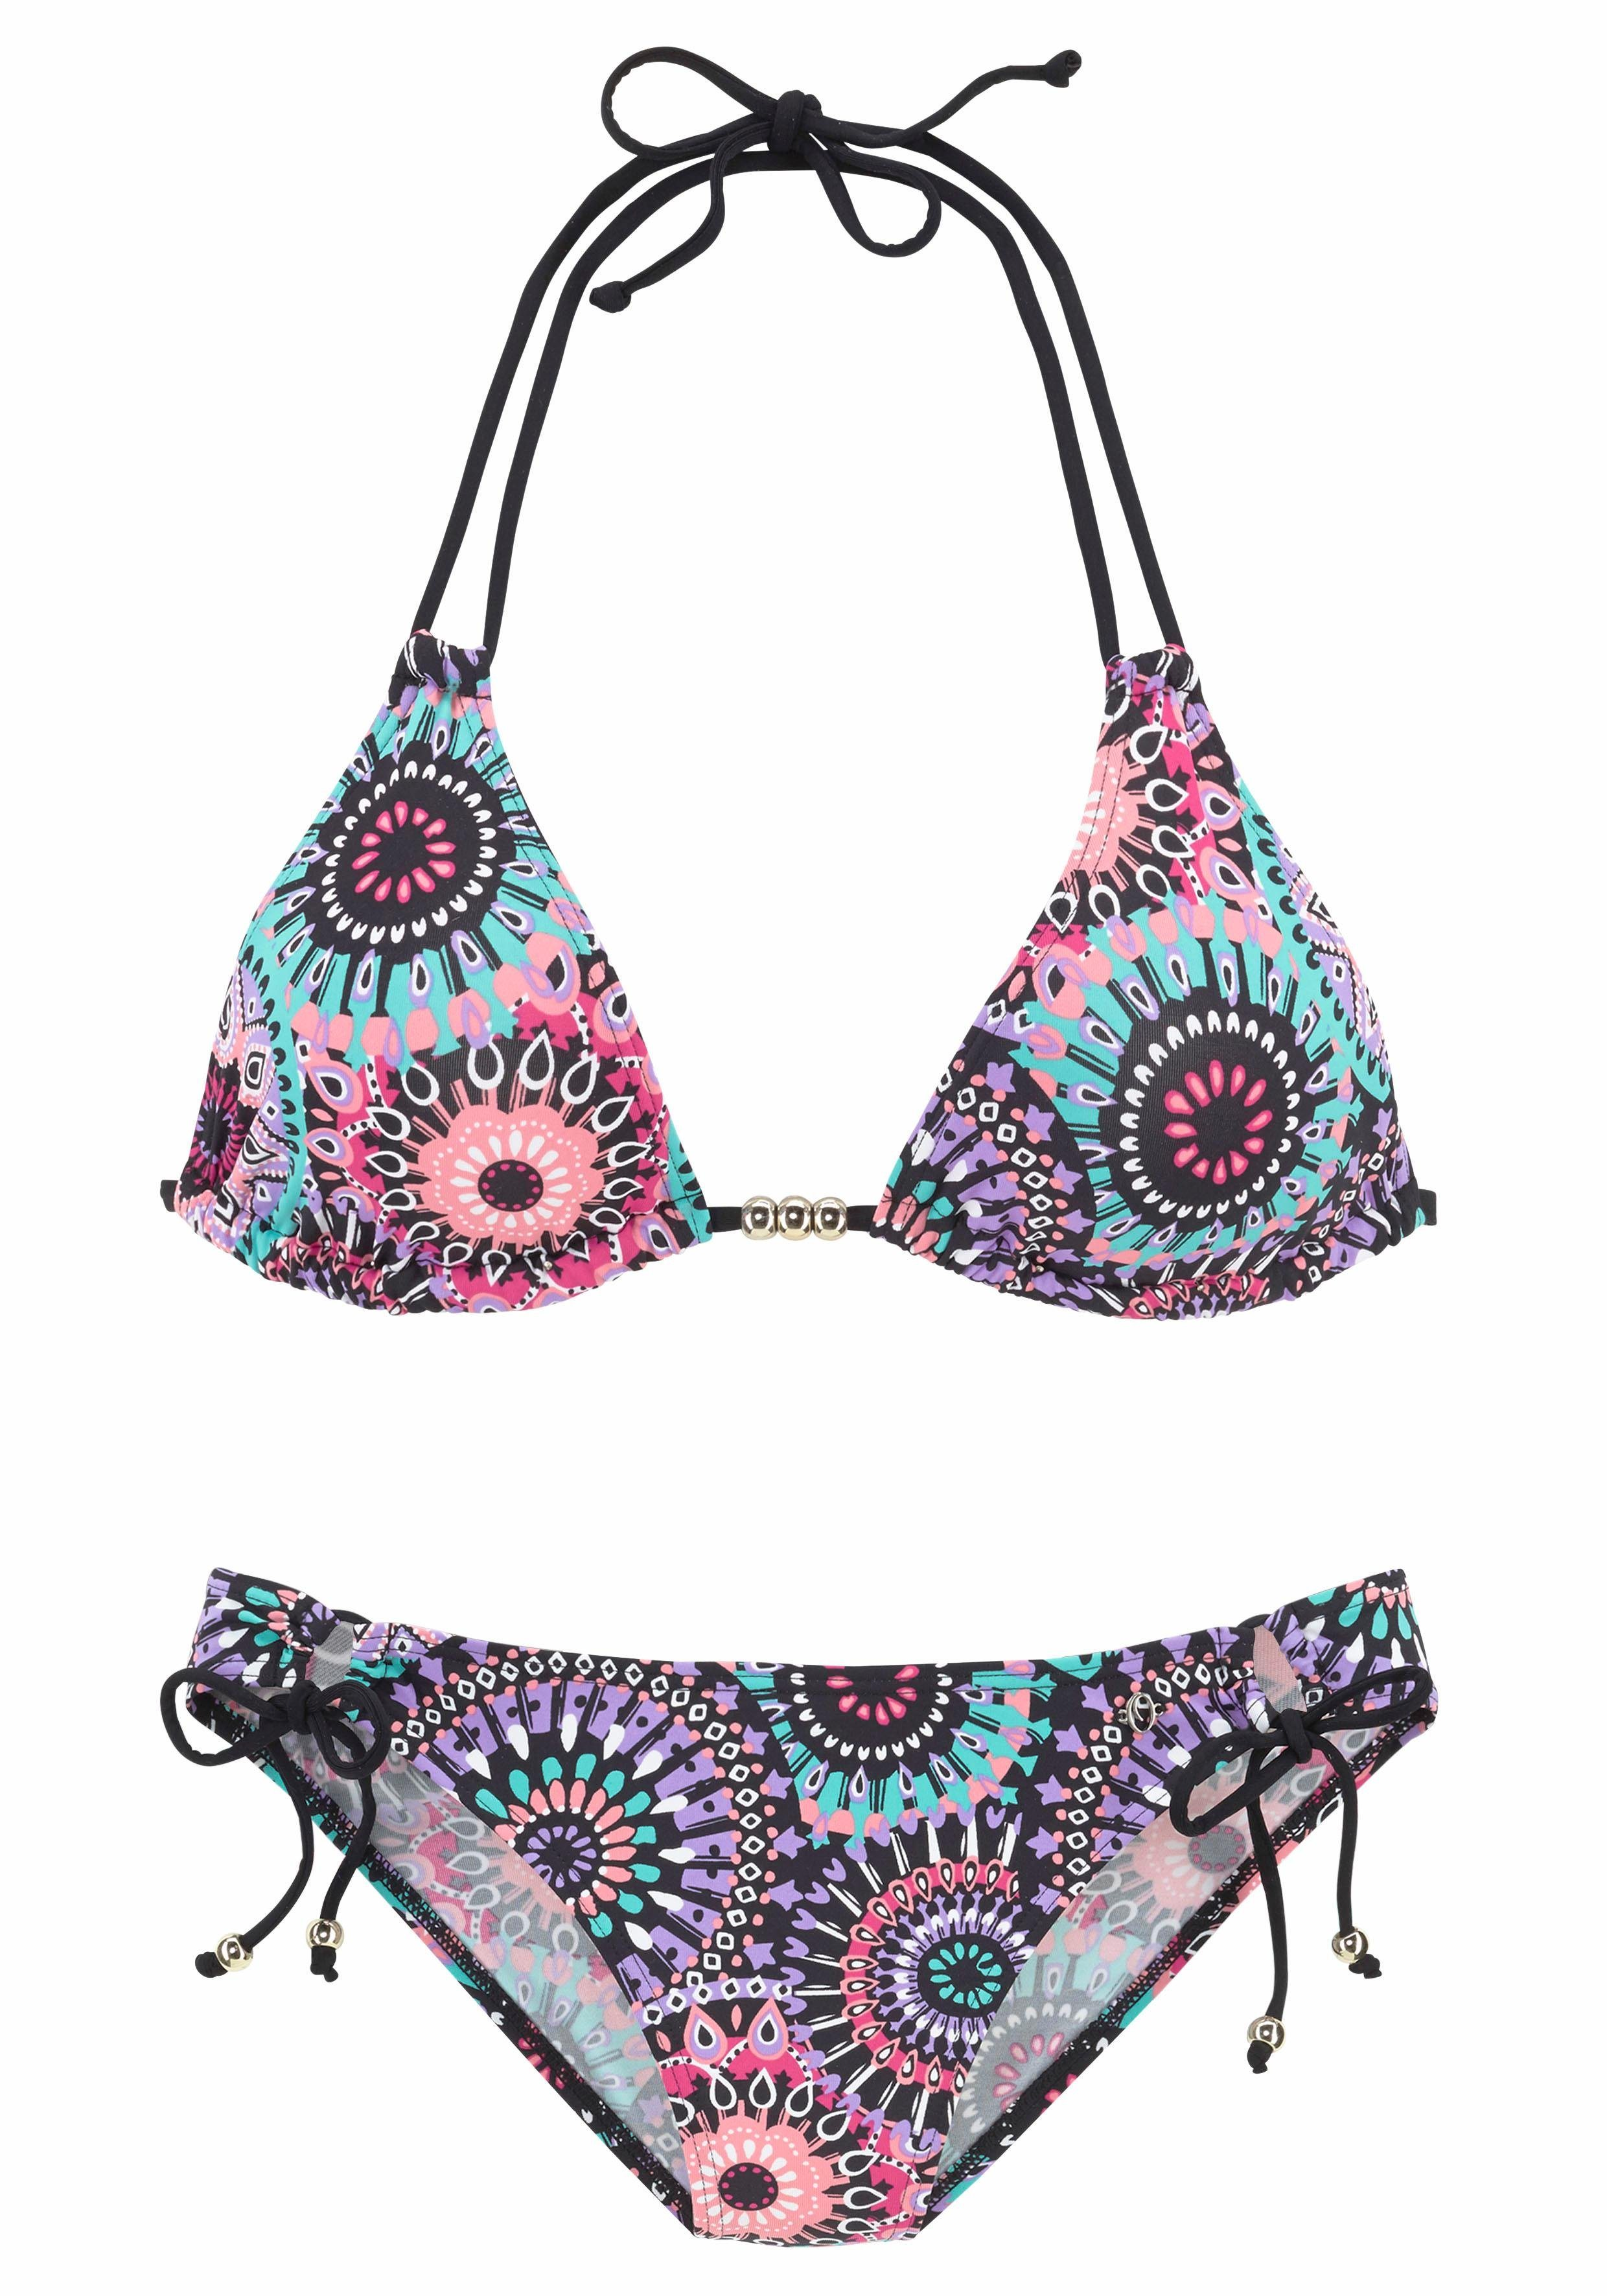 s.Oliver RED LABEL Beachwear Triangel-Bikini mit goldenen Zierperlen